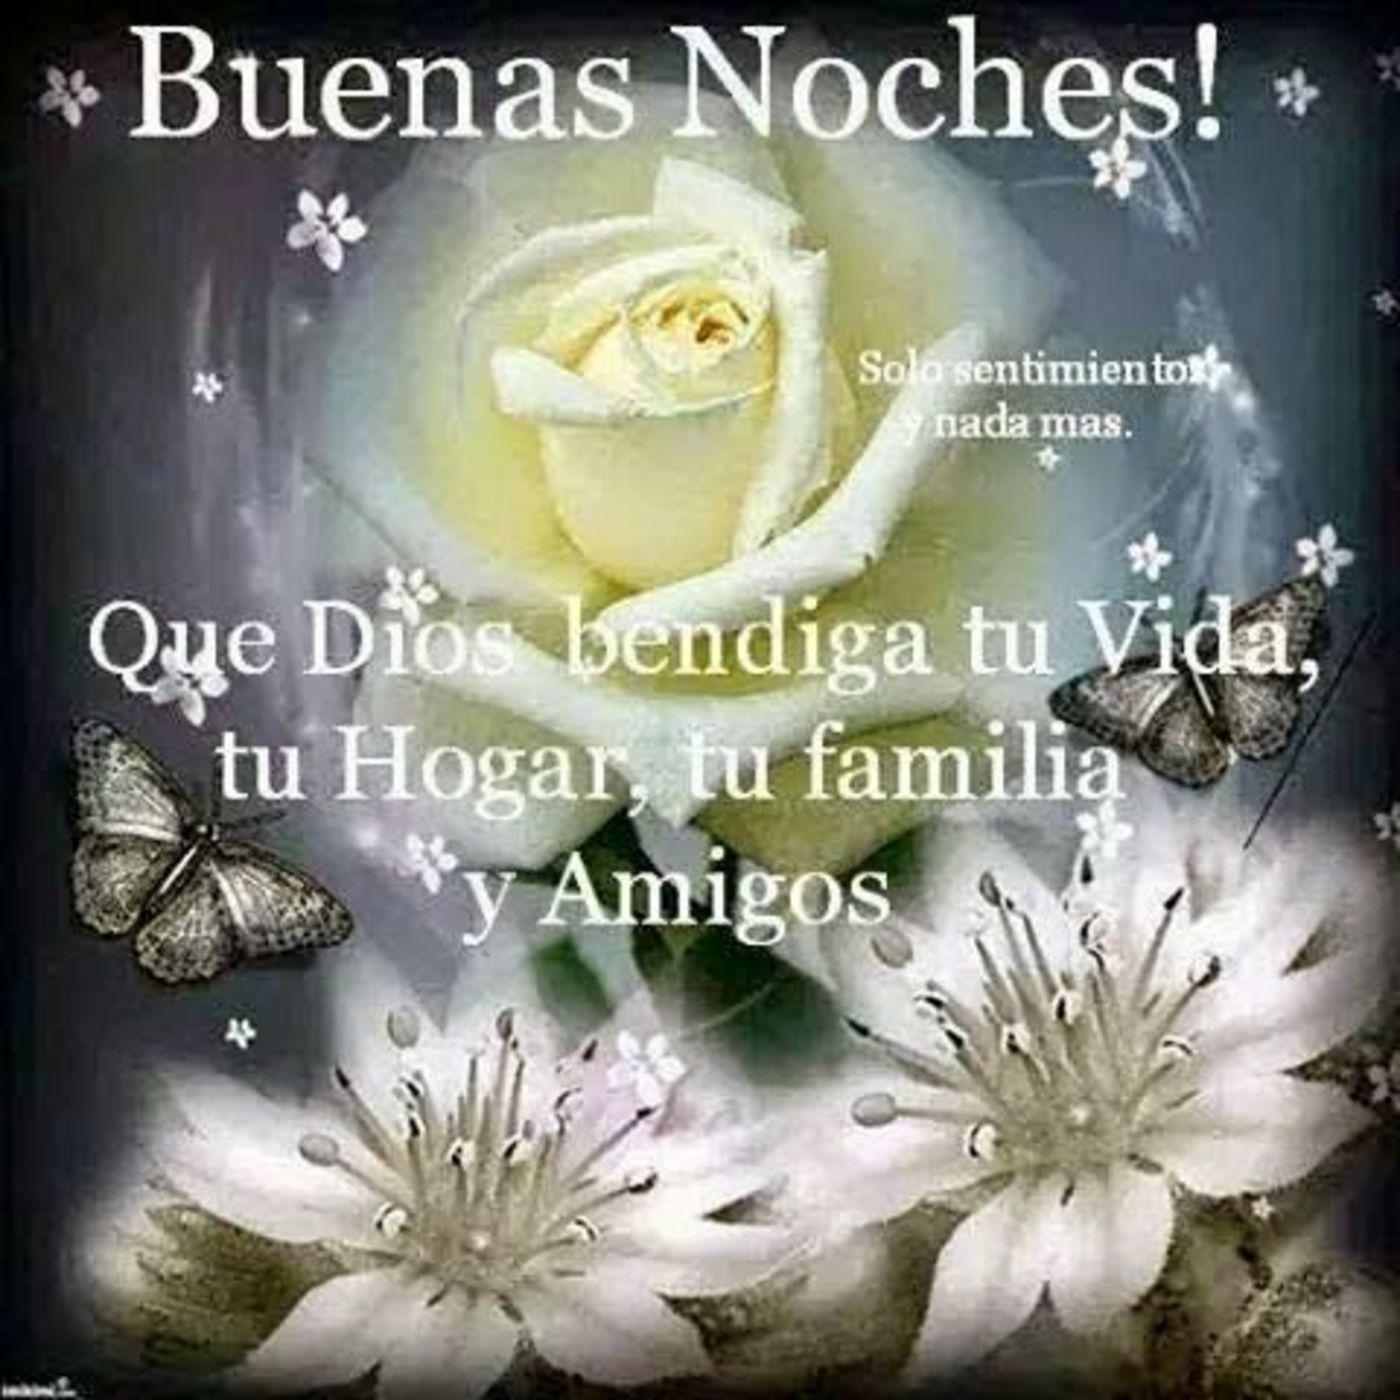 Buenas noches! Que Dios bendiga tu vida, tu hogar, tu familia y amigos